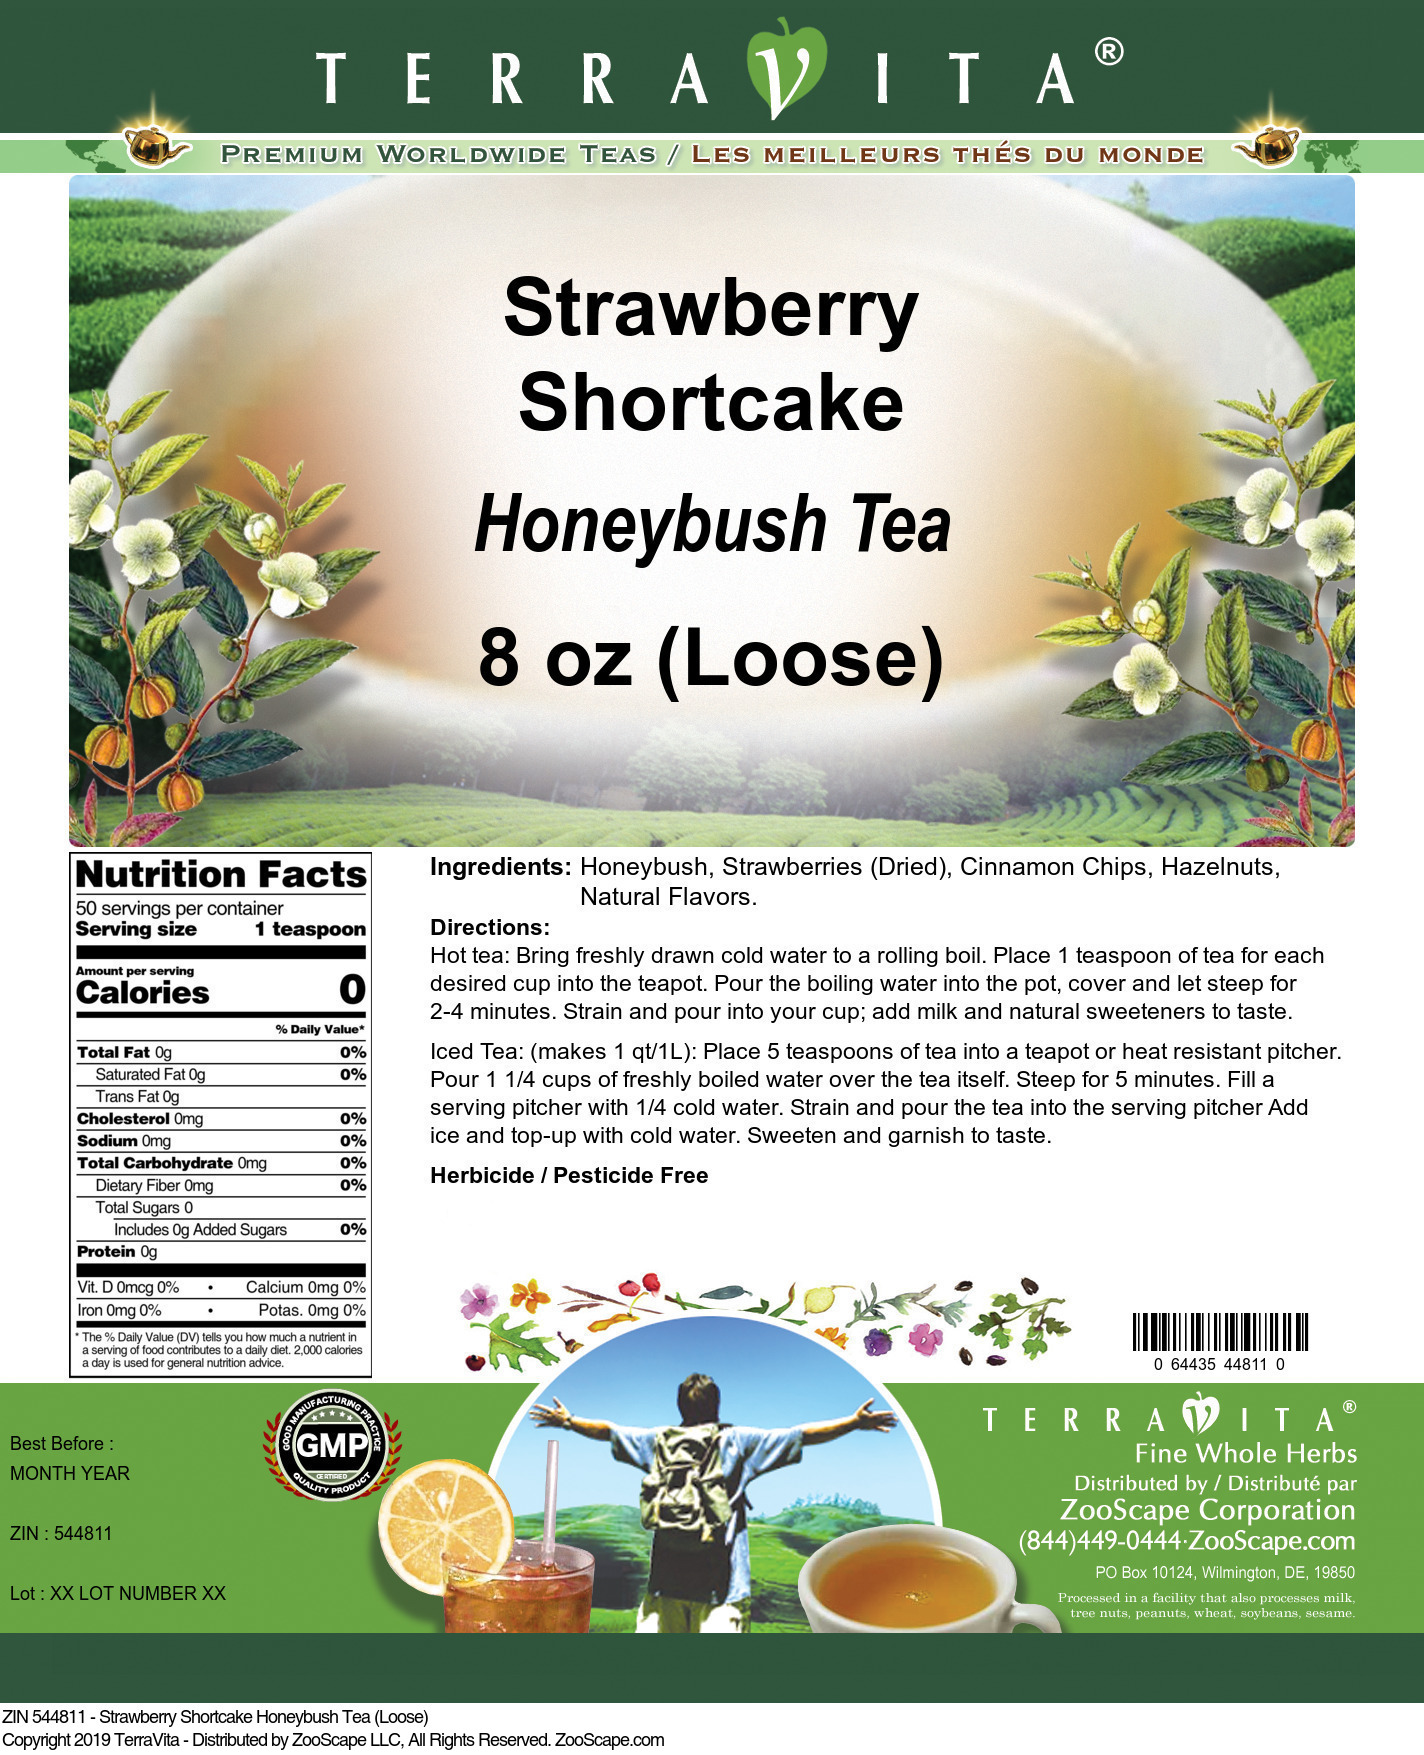 Strawberry Shortcake Honeybush Tea